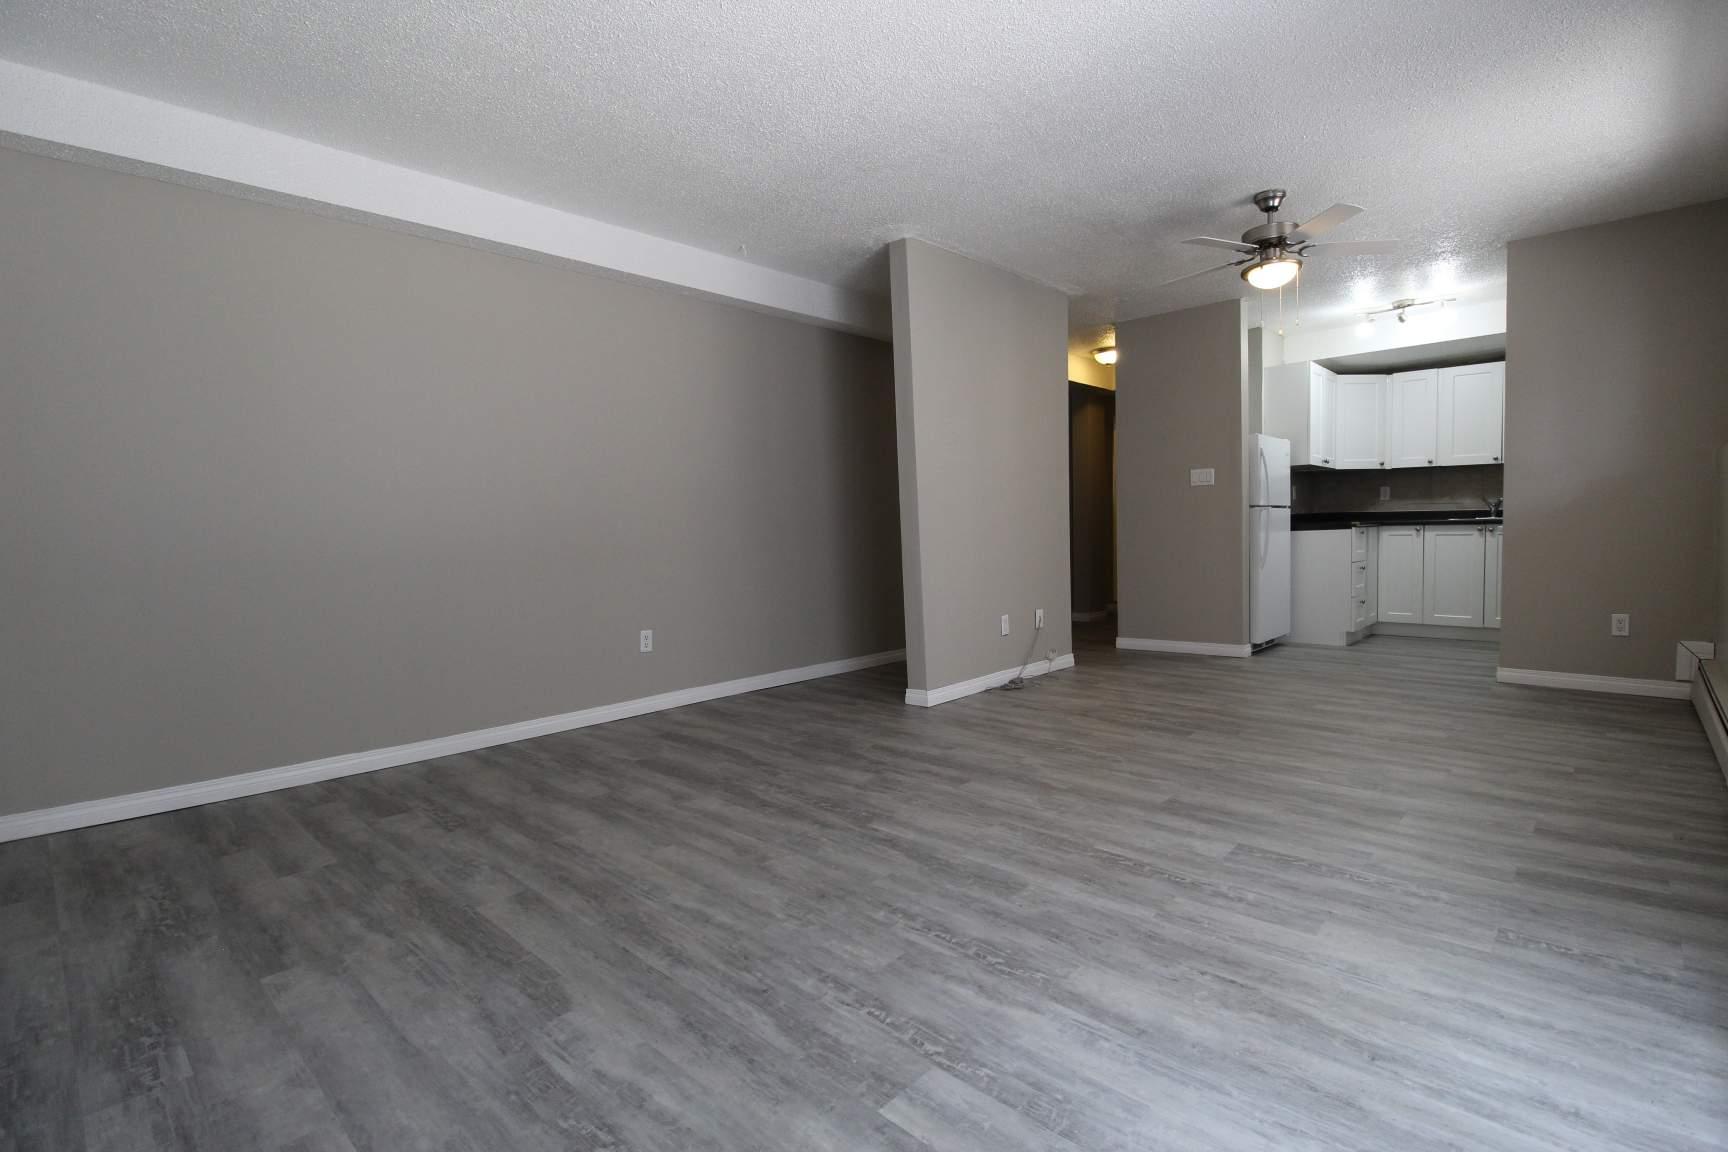 16404 115 Street NW, Edmonton, AB - $899